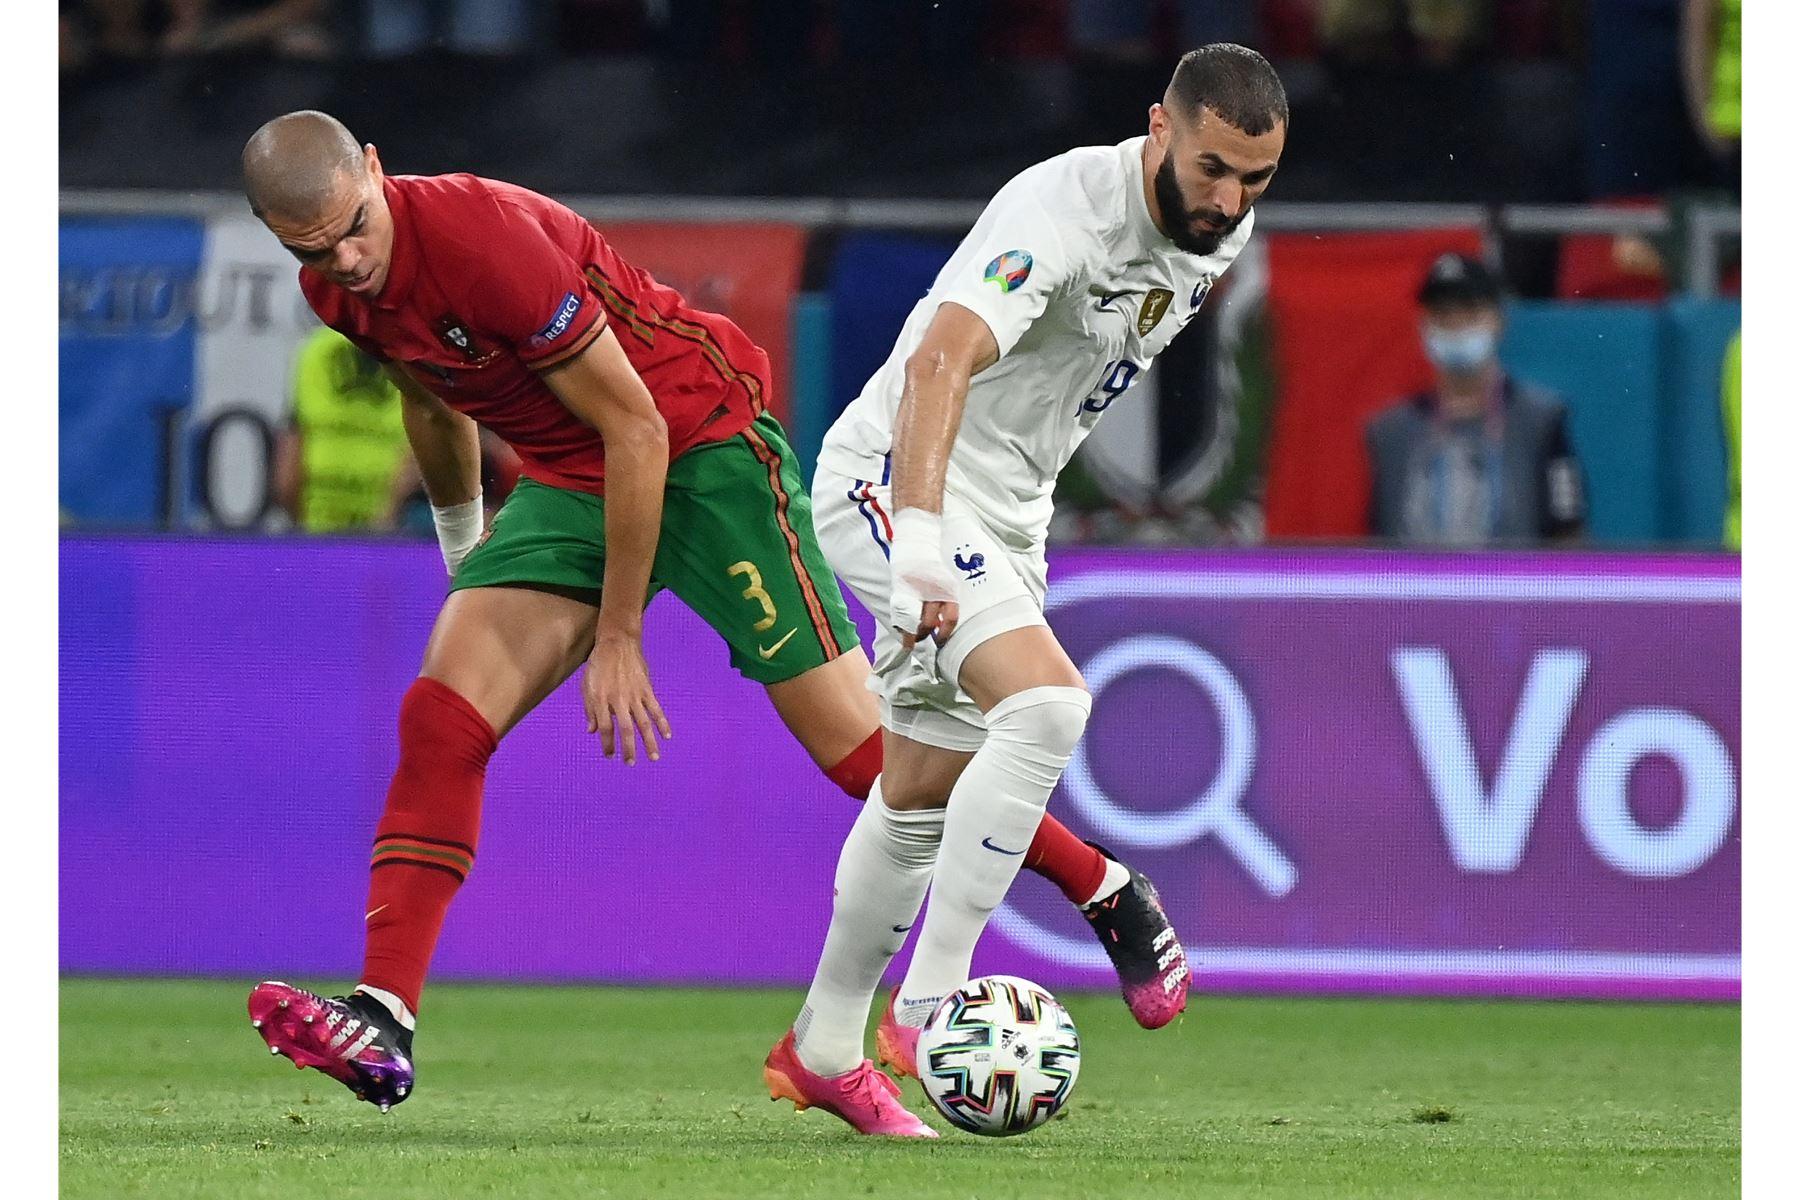 Pepe de Portugal en acción contra Karim Benzema de Francia durante el partido por el grupo F de la UEFA EURO 2020, en Budapest, Hungría. Foto: EFE